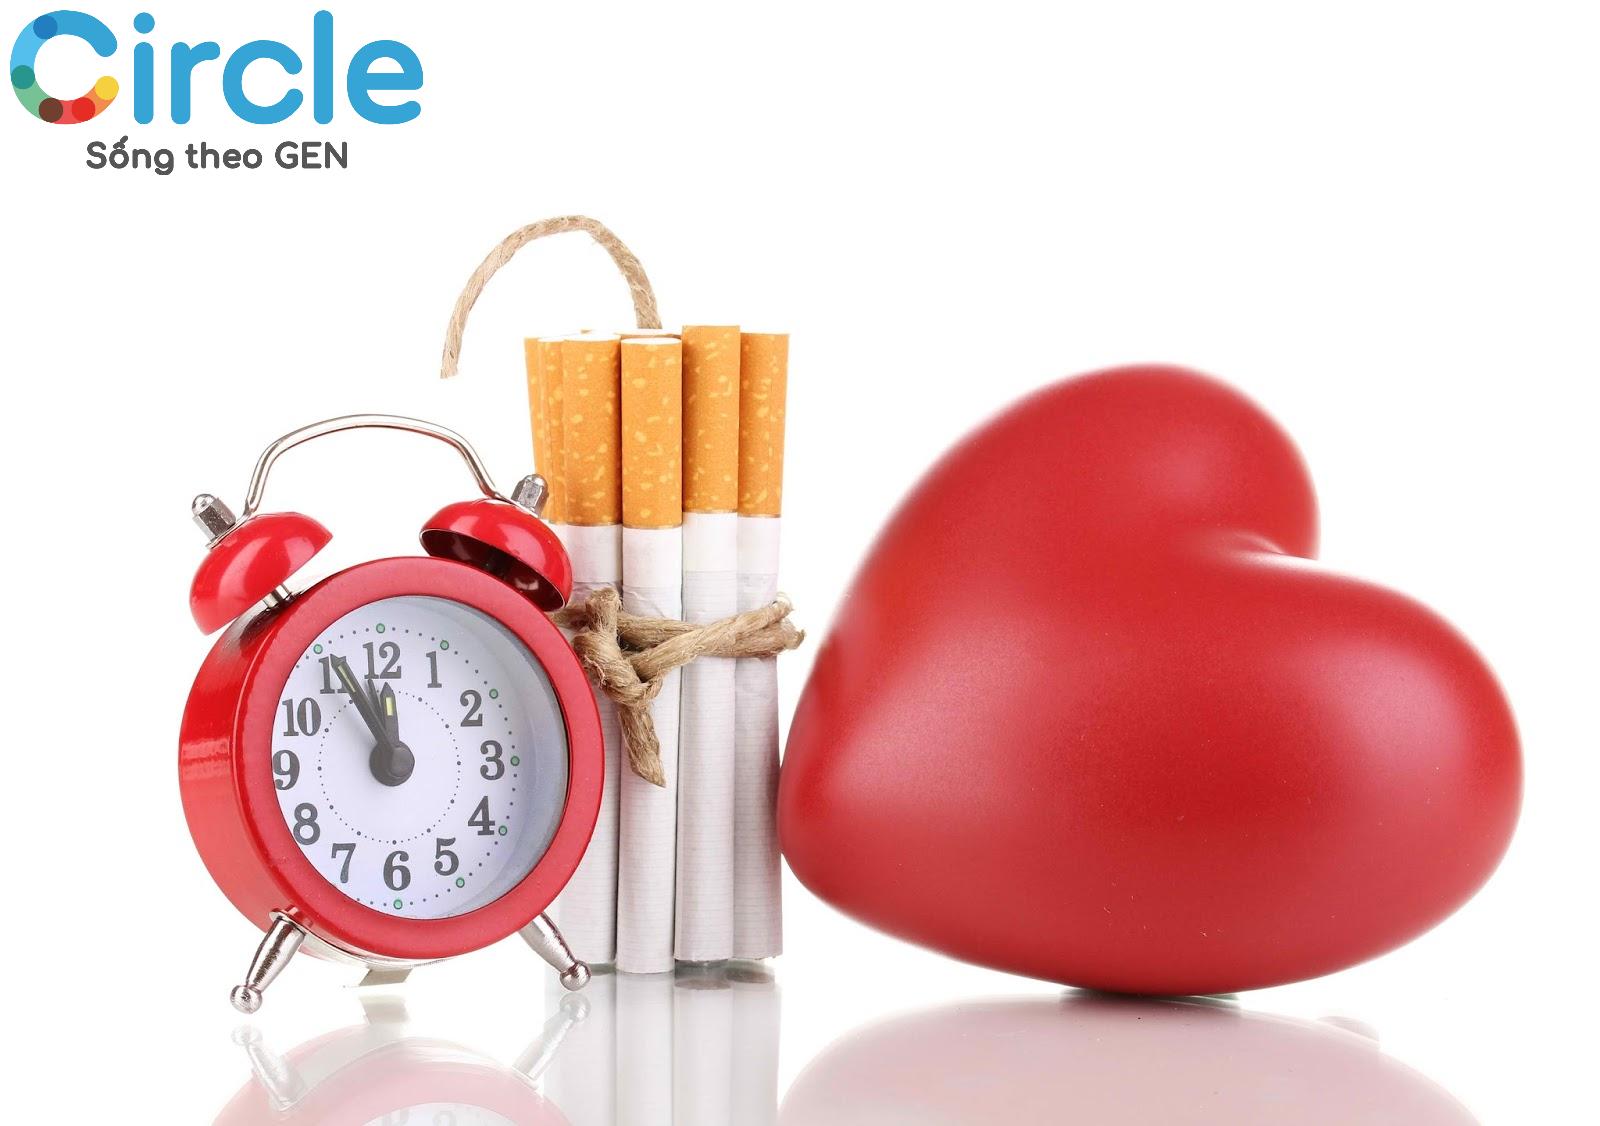 Theo phát hiện của một nghiên cứu được công bố của Hiệp hội Tim mạch châu Âu (ESC cho thấy, bạn càng có nguy cơ mắc chứng rối loạn nhịp tim gọi là rung tâm nhĩ càng cao nếu thường xuyên hút thuốc lá